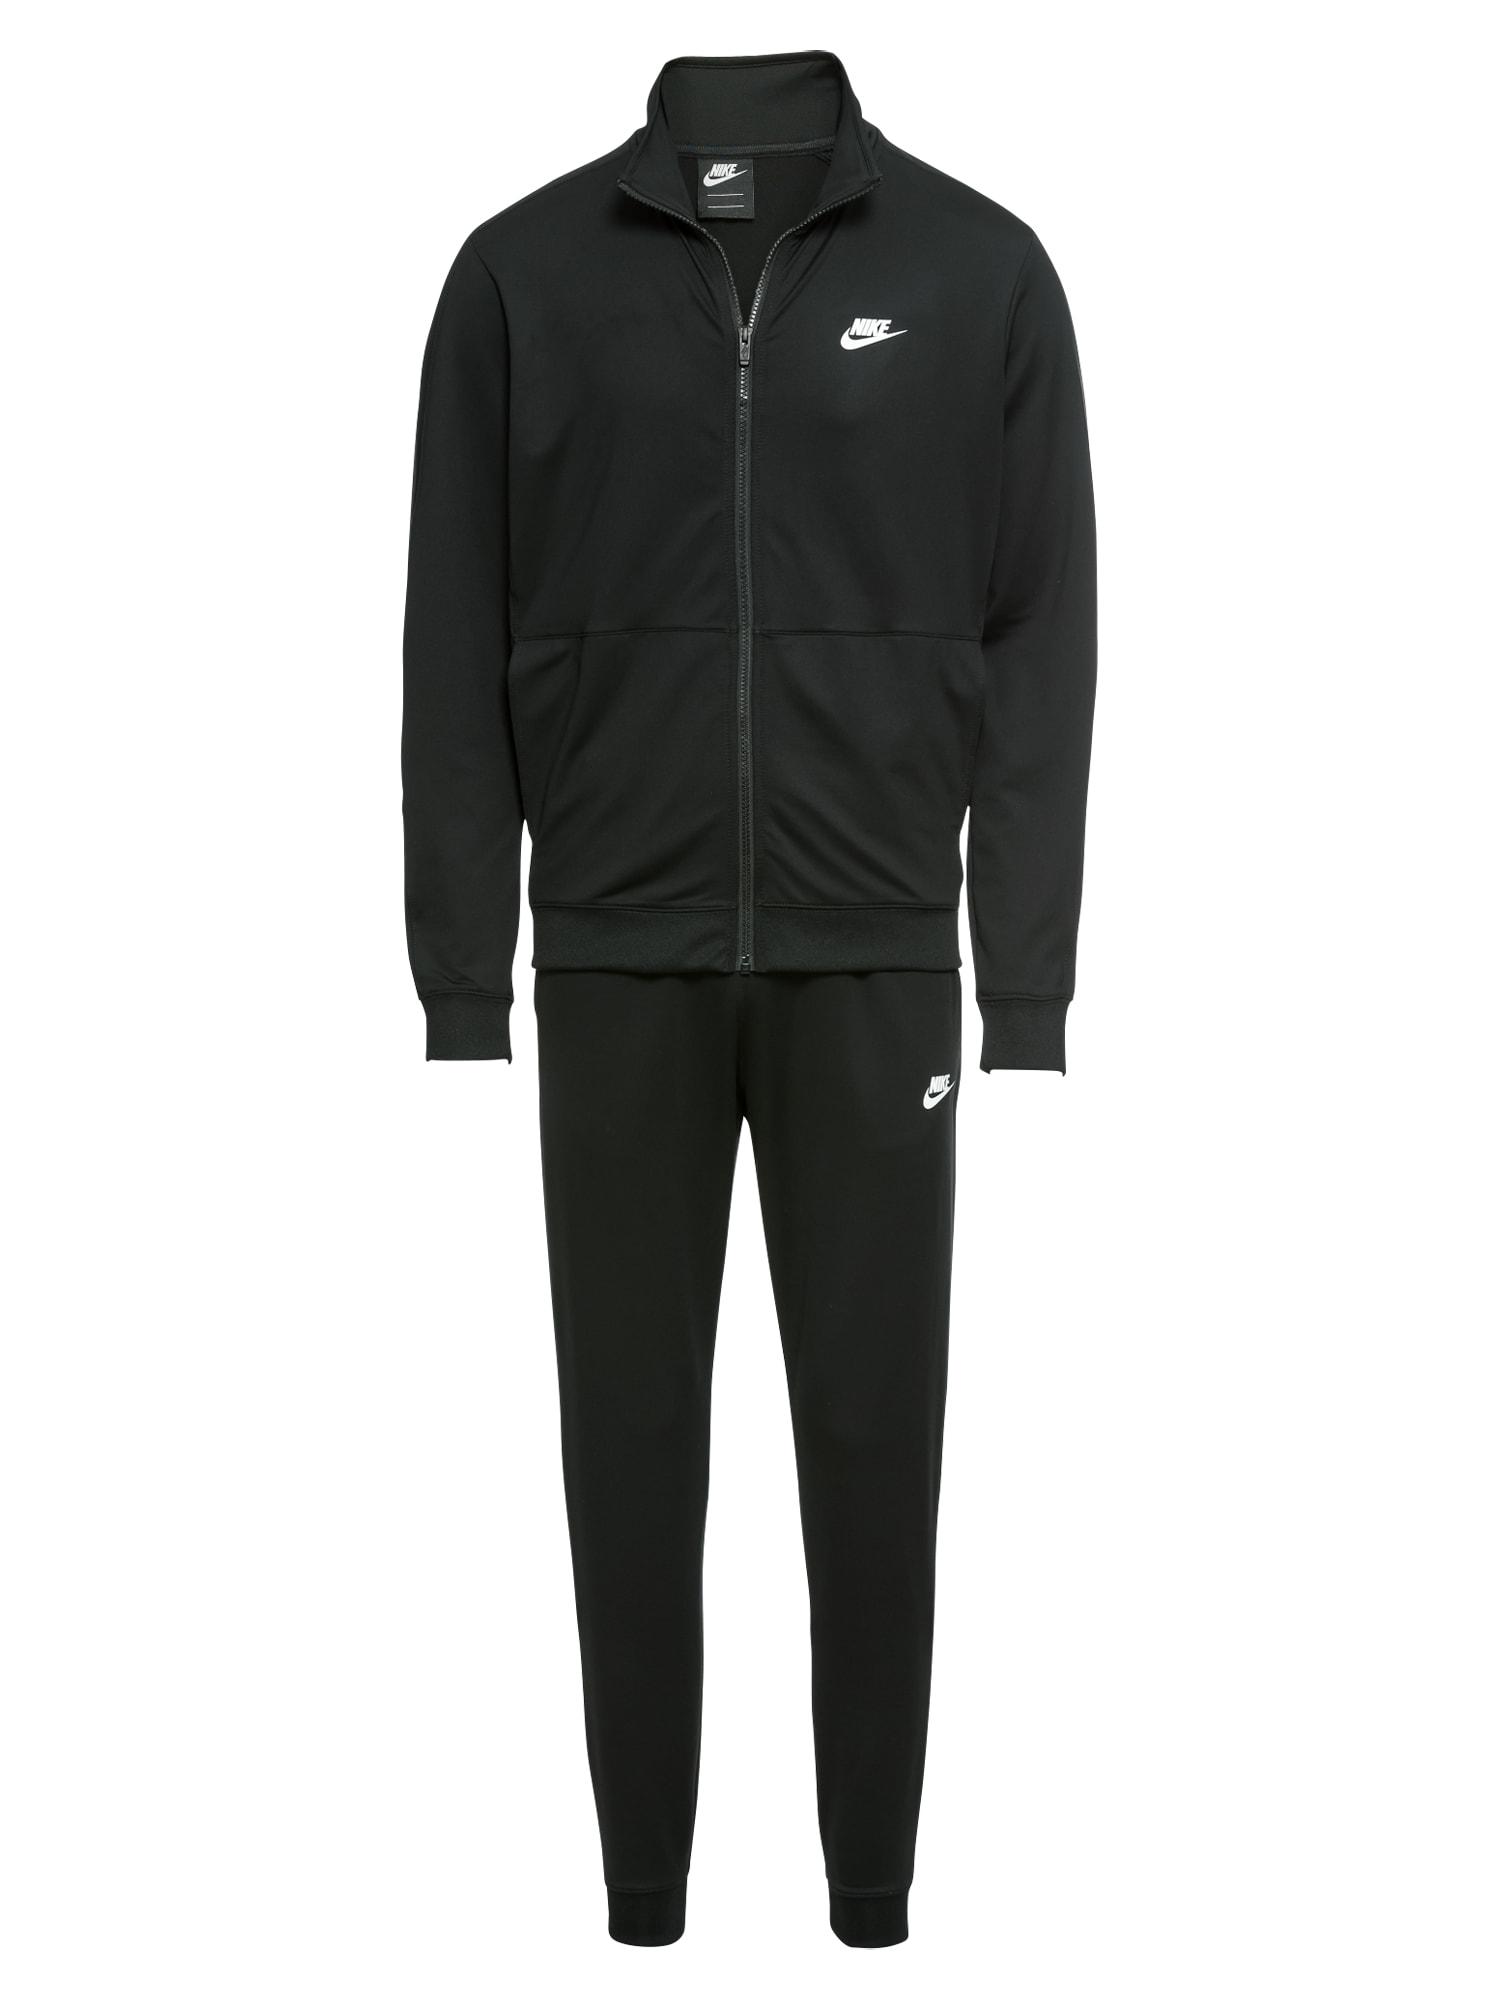 Domácí oblečení TRK SUIT PK černá Nike Sportswear